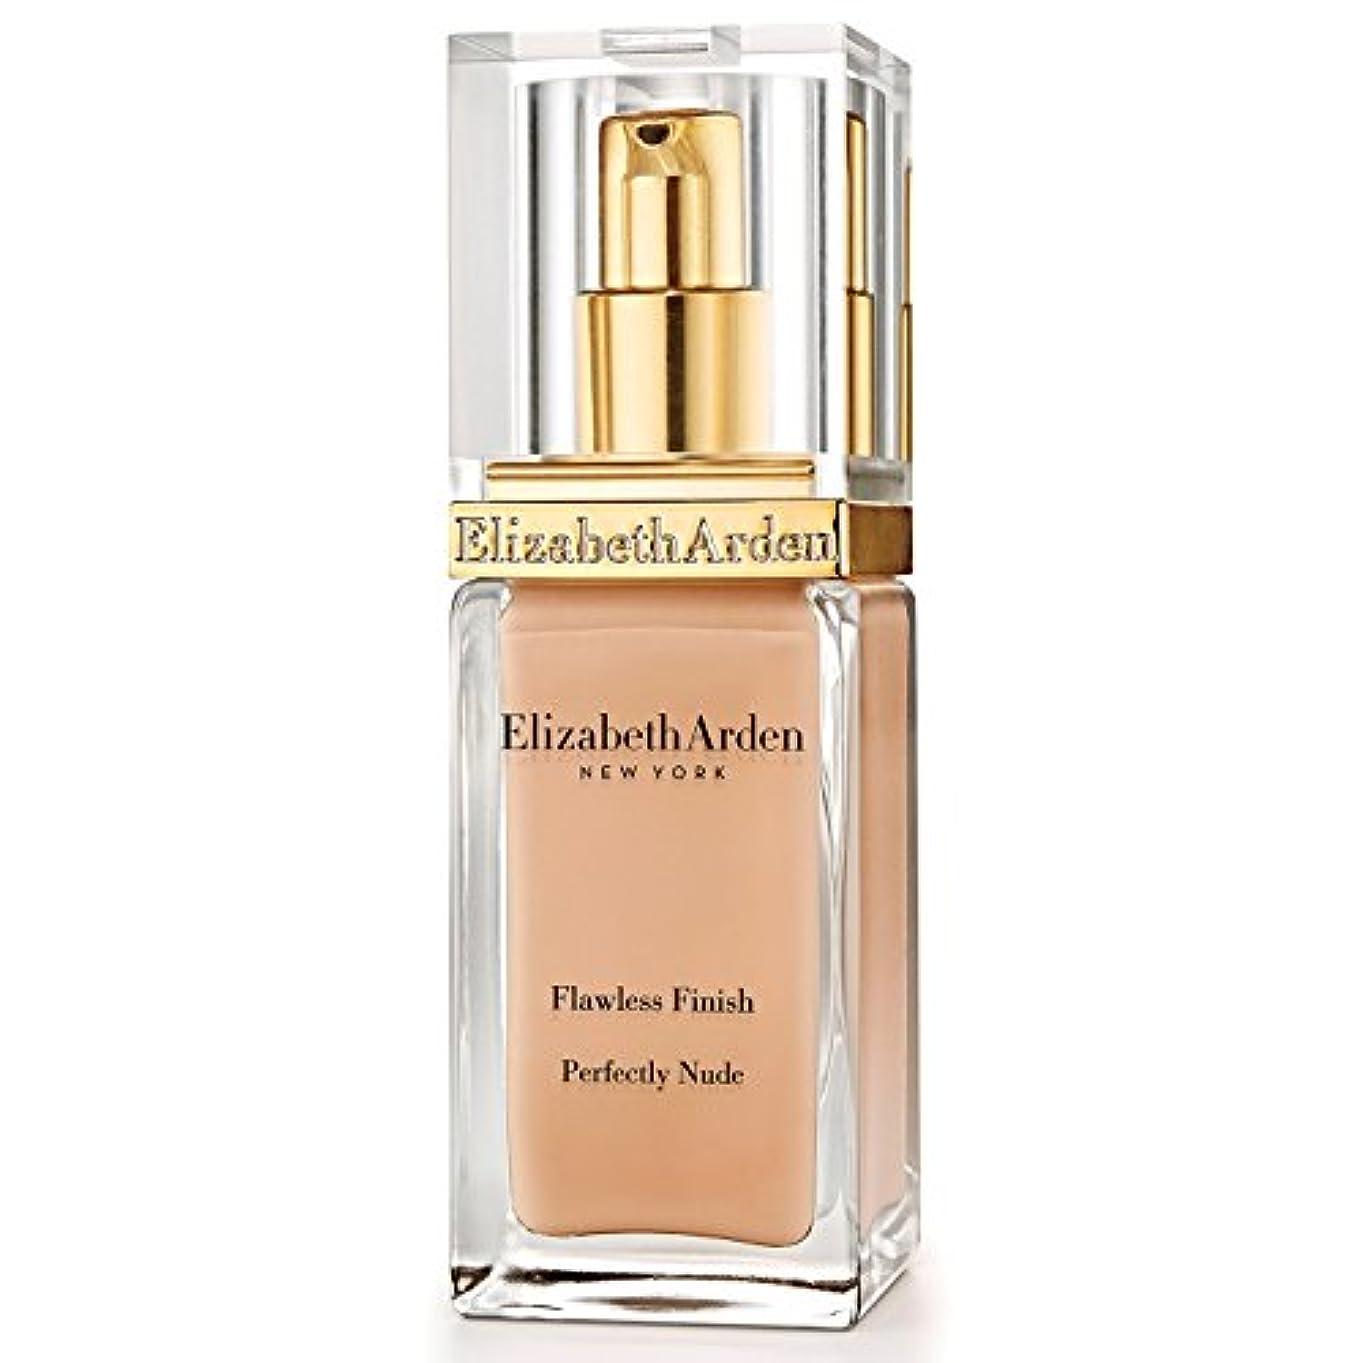 義務付けられた省略する入力Elizabeth Arden Flawless Finish Perfectly Nude Foundation SPF 15 Alabaster - エリザベスアーデン完璧な仕上がり完璧ヌードファンデーション 15アラバスター...